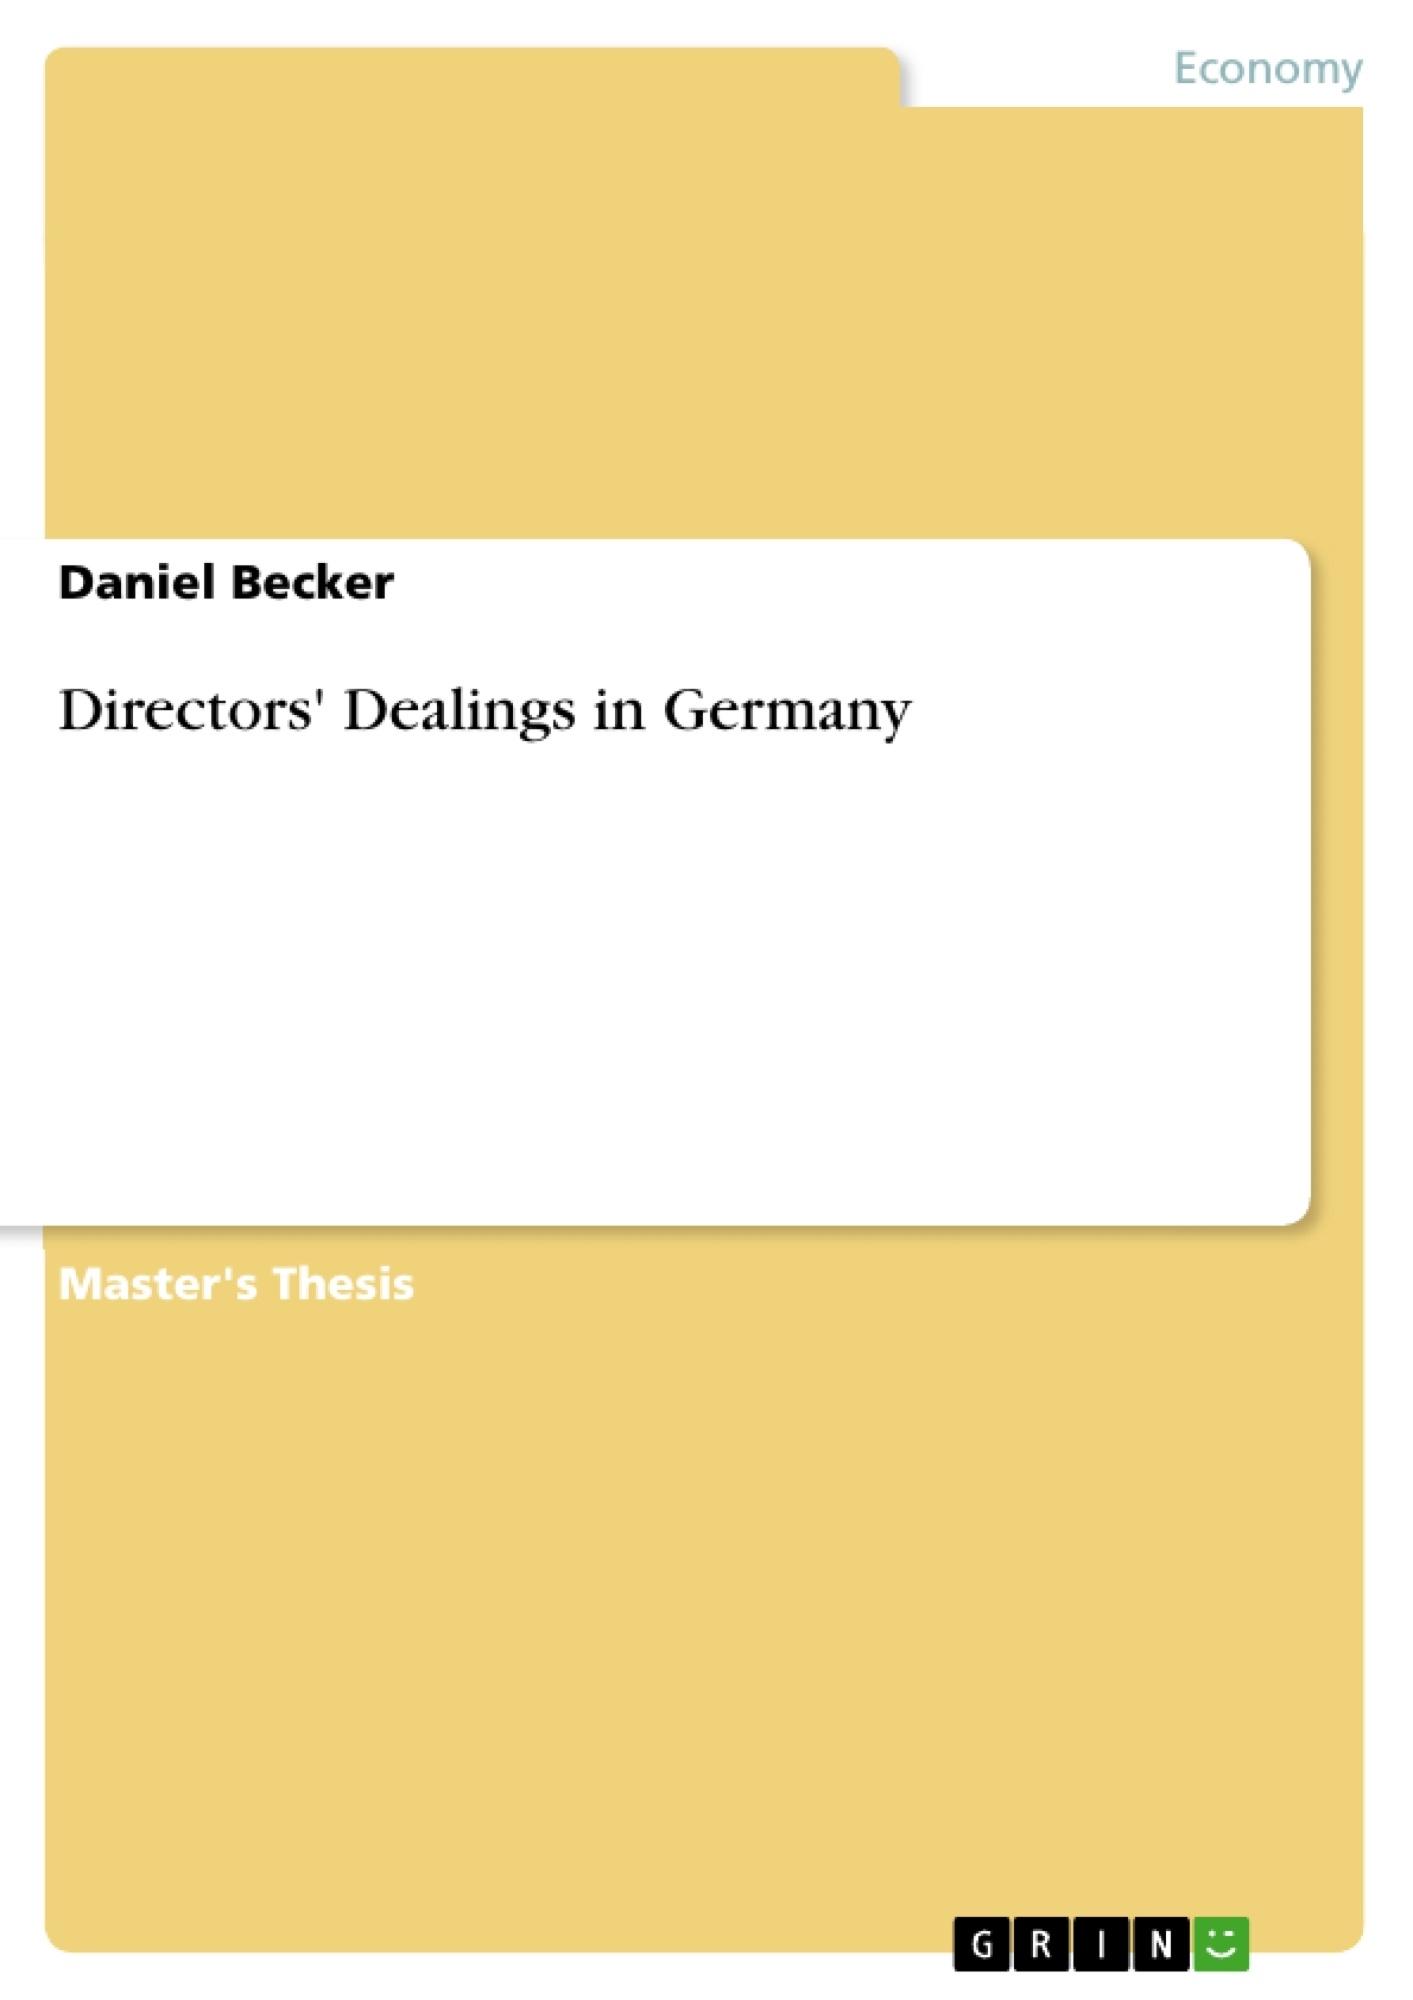 Title: Directors' Dealings in Germany